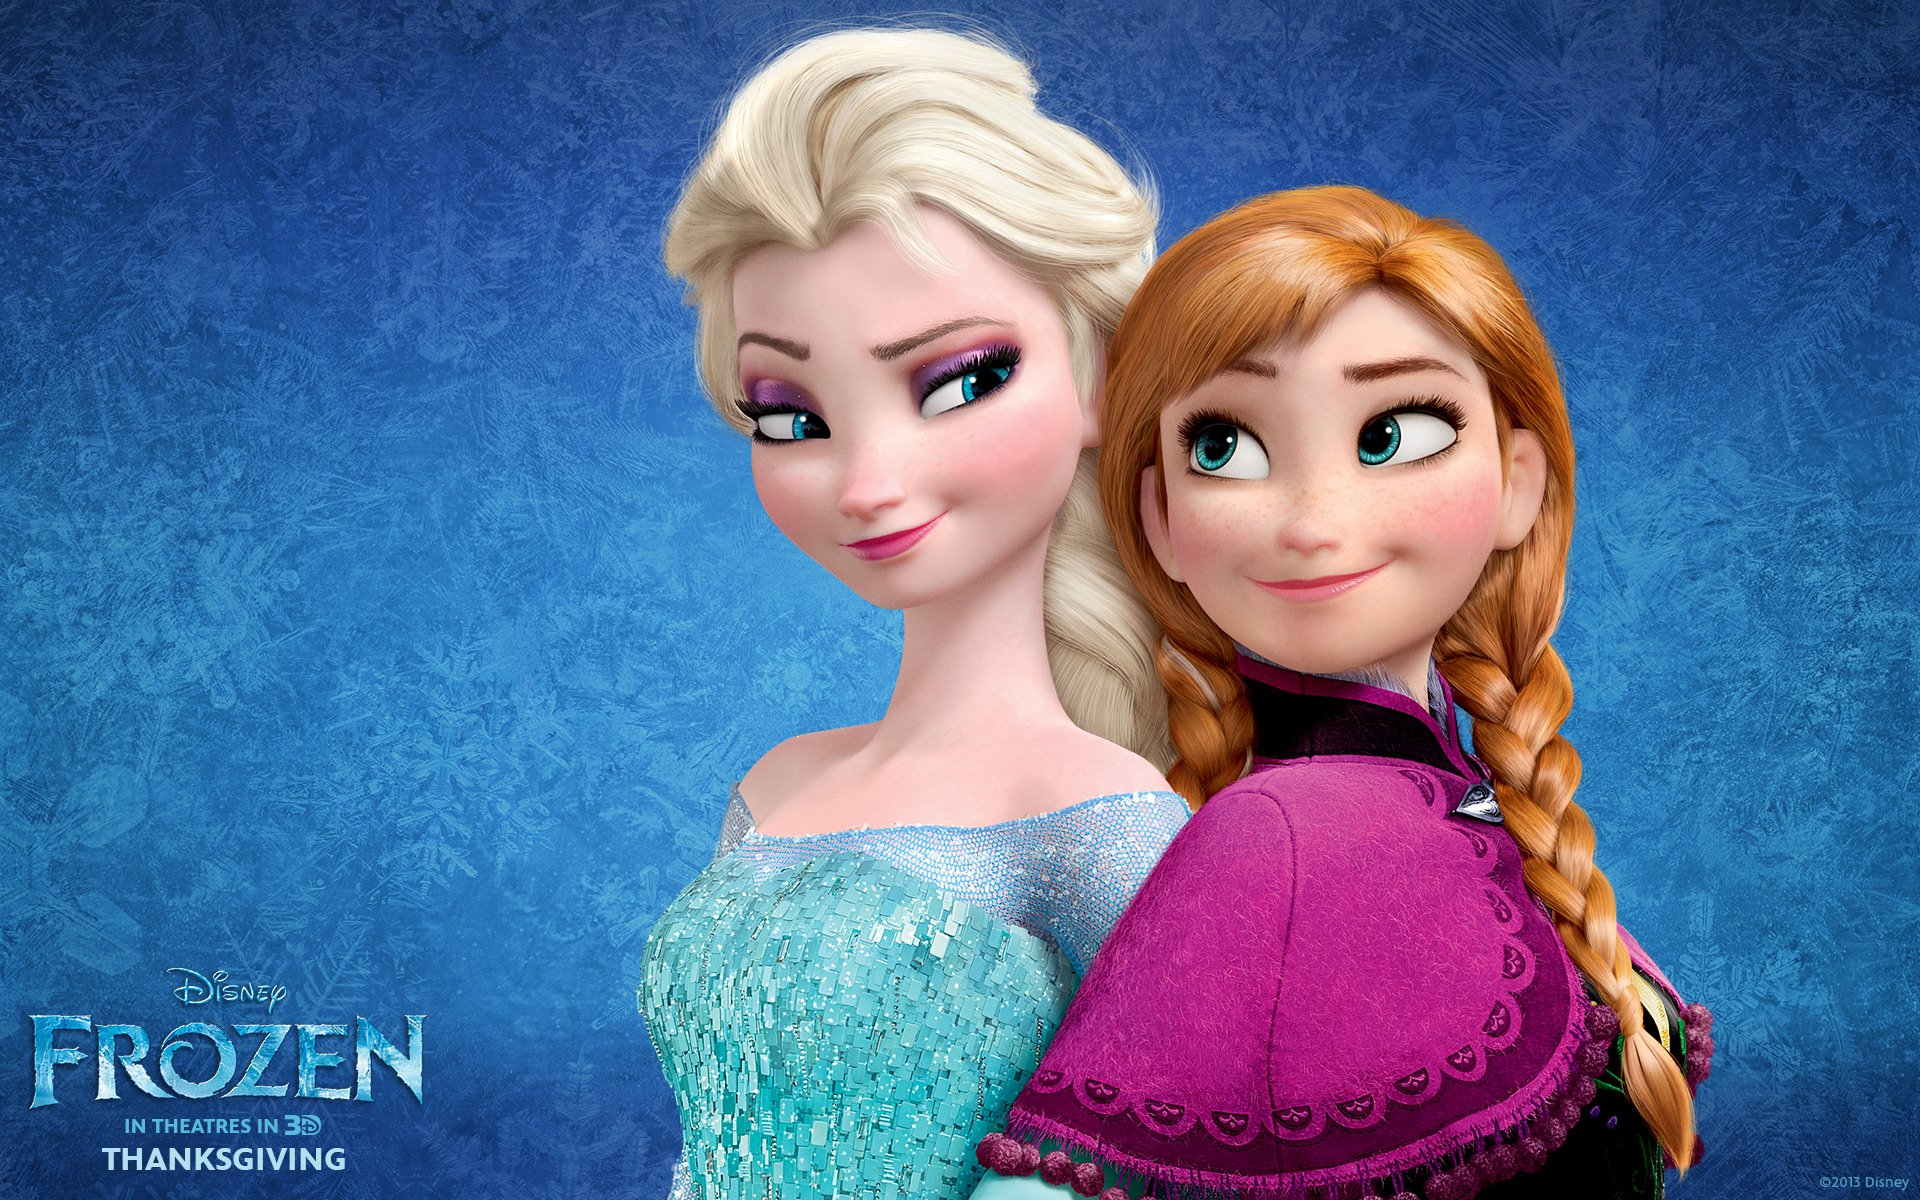 Disney Plans 'Frozen' Sequel